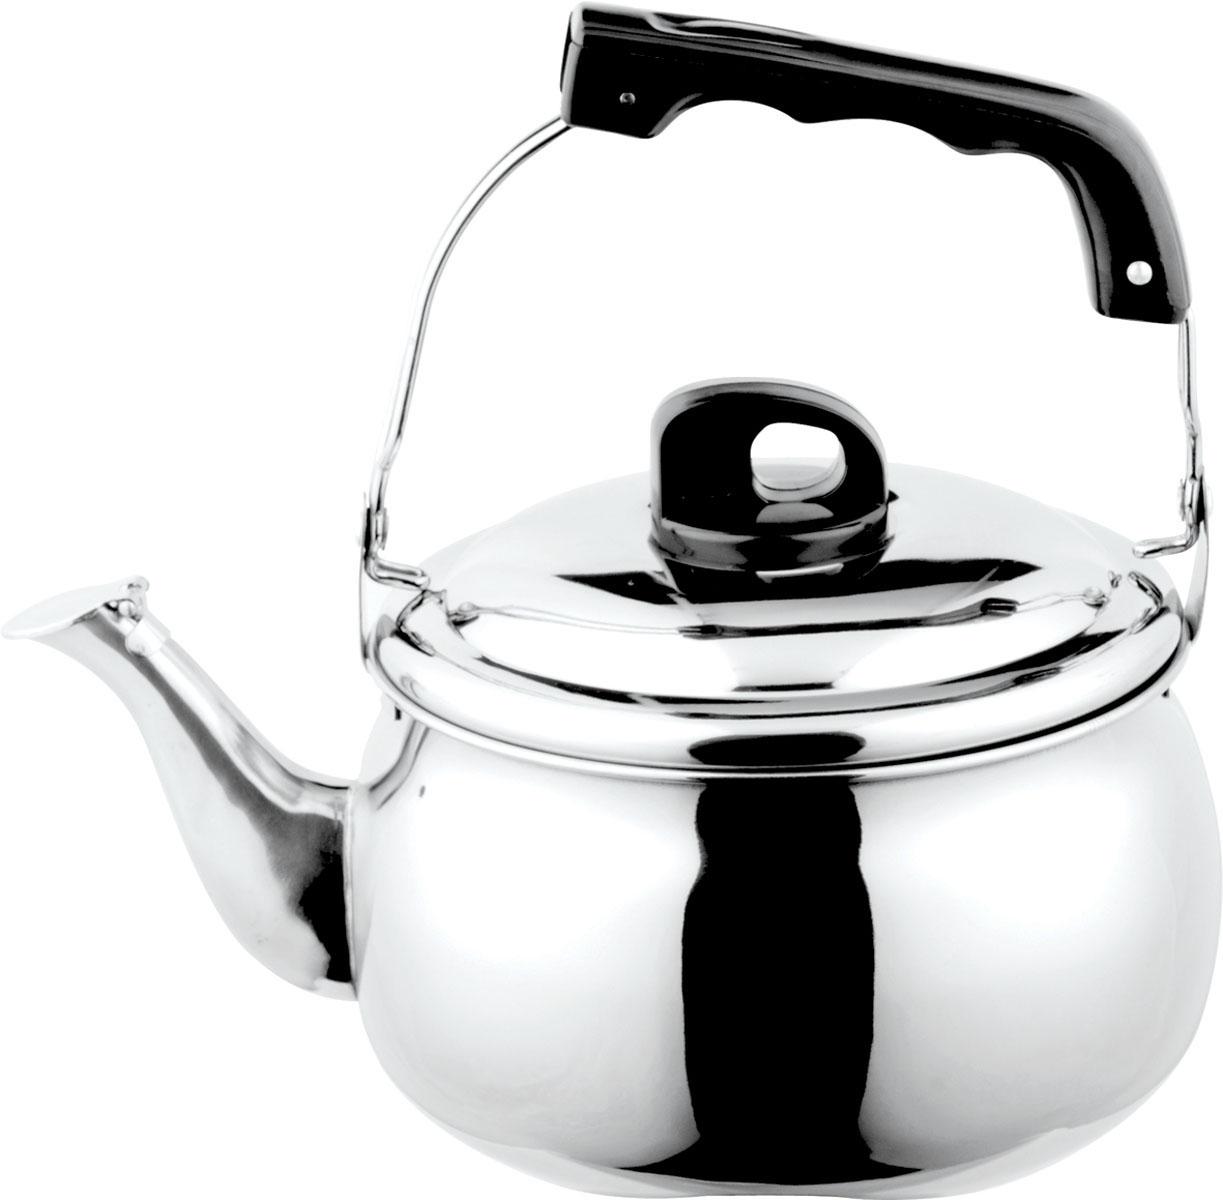 Чайник Bekker, со свистком, 6 лBK-S517Чайник Bekker выполнен из высококачественной нержавеющей стали, что обеспечивает долговечность использования. Внешнее зеркальное покрытие придает приятный внешний вид. Бакелитовая ручка делает использование чайника очень удобным и безопасным. Цельнометаллическое дно способствует равномерному распространению тепла. Чайник снабжен свистком. Можно мыть в посудомоечной машине. Пригоден для всех видов плит, включая индукционные.